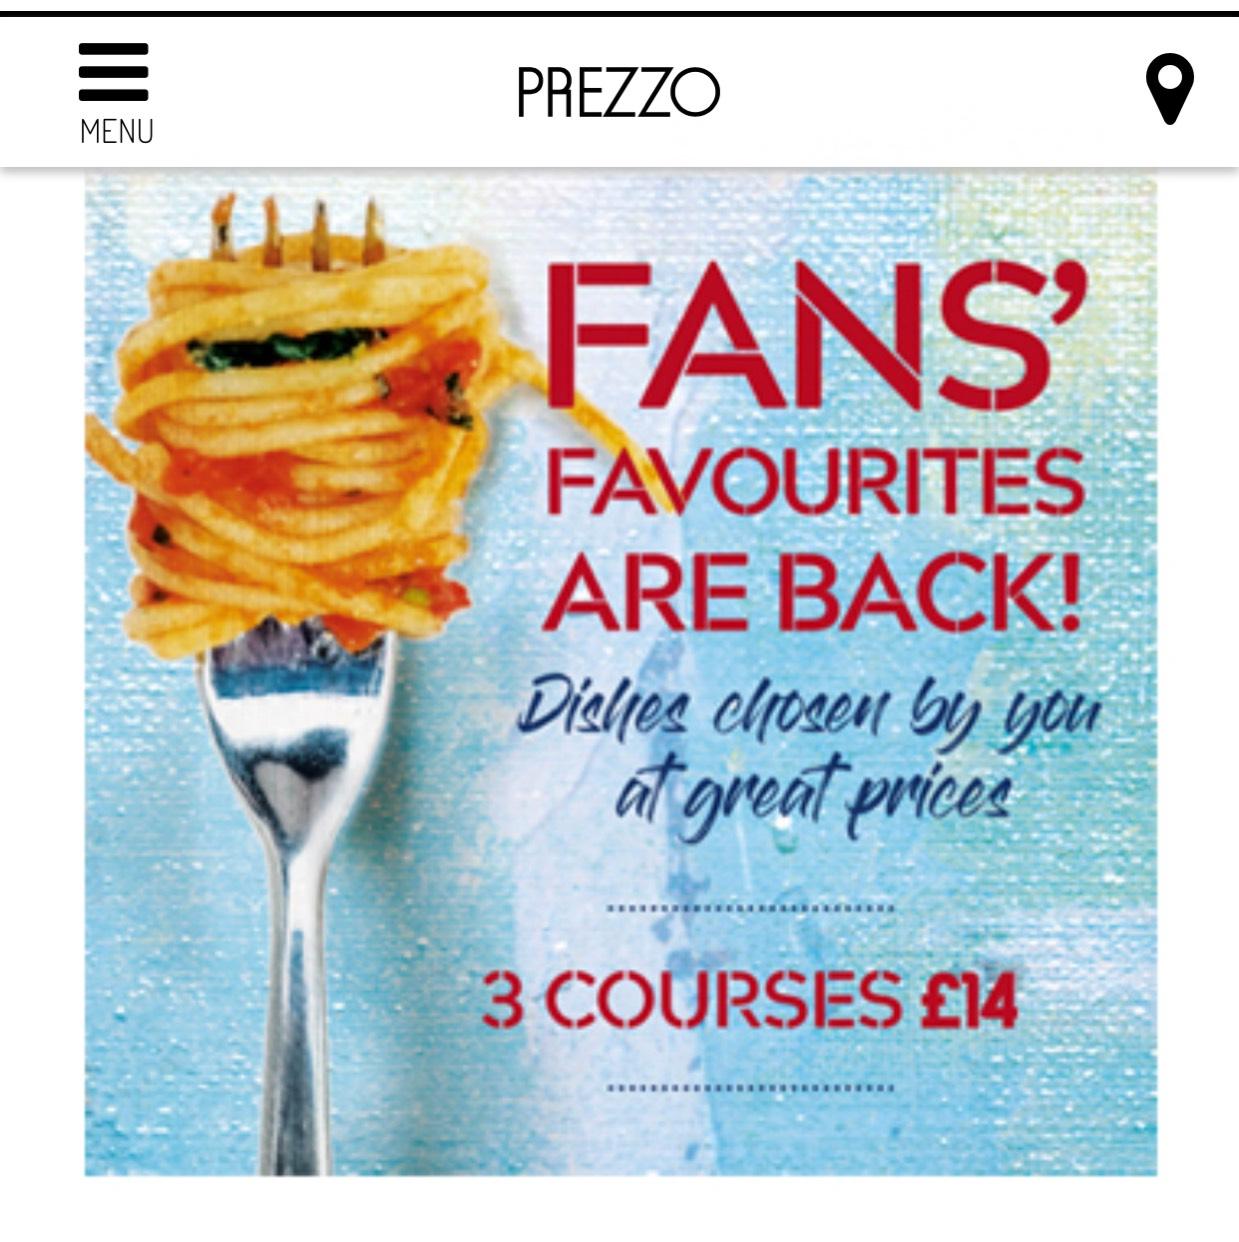 Prezzo 3 courses £14 discount offer